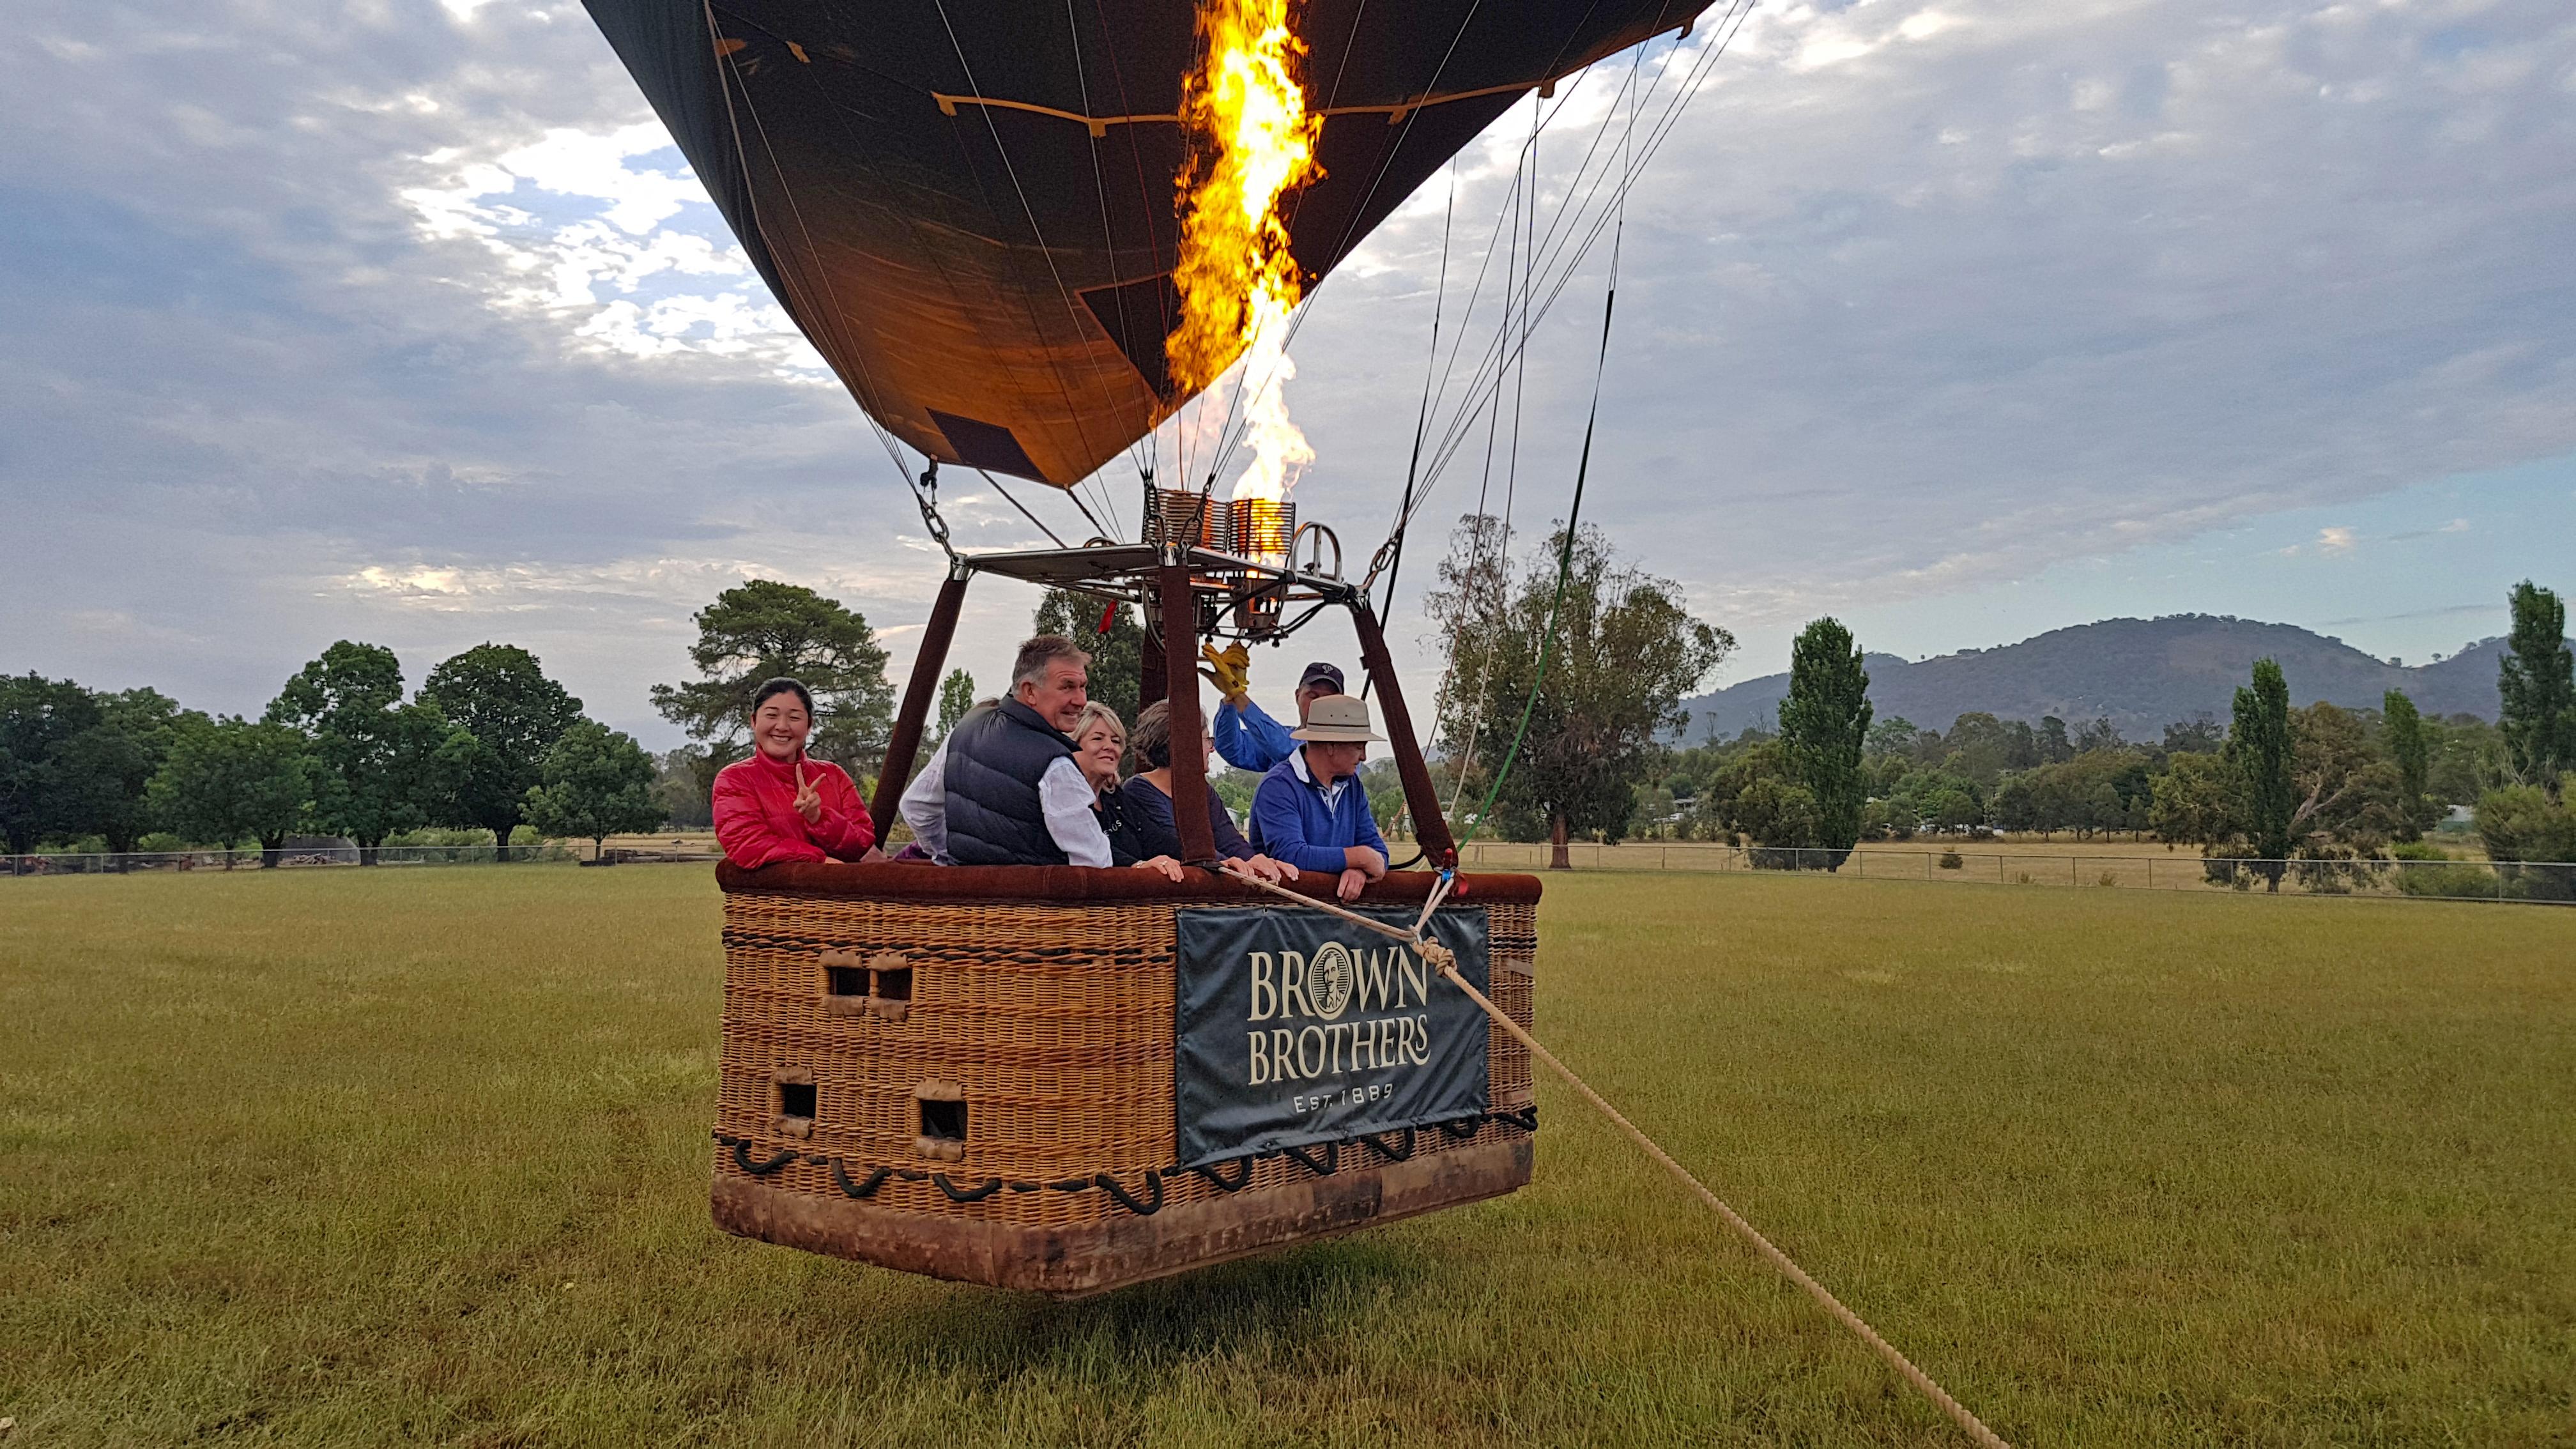 Mansfield Balloon Flight